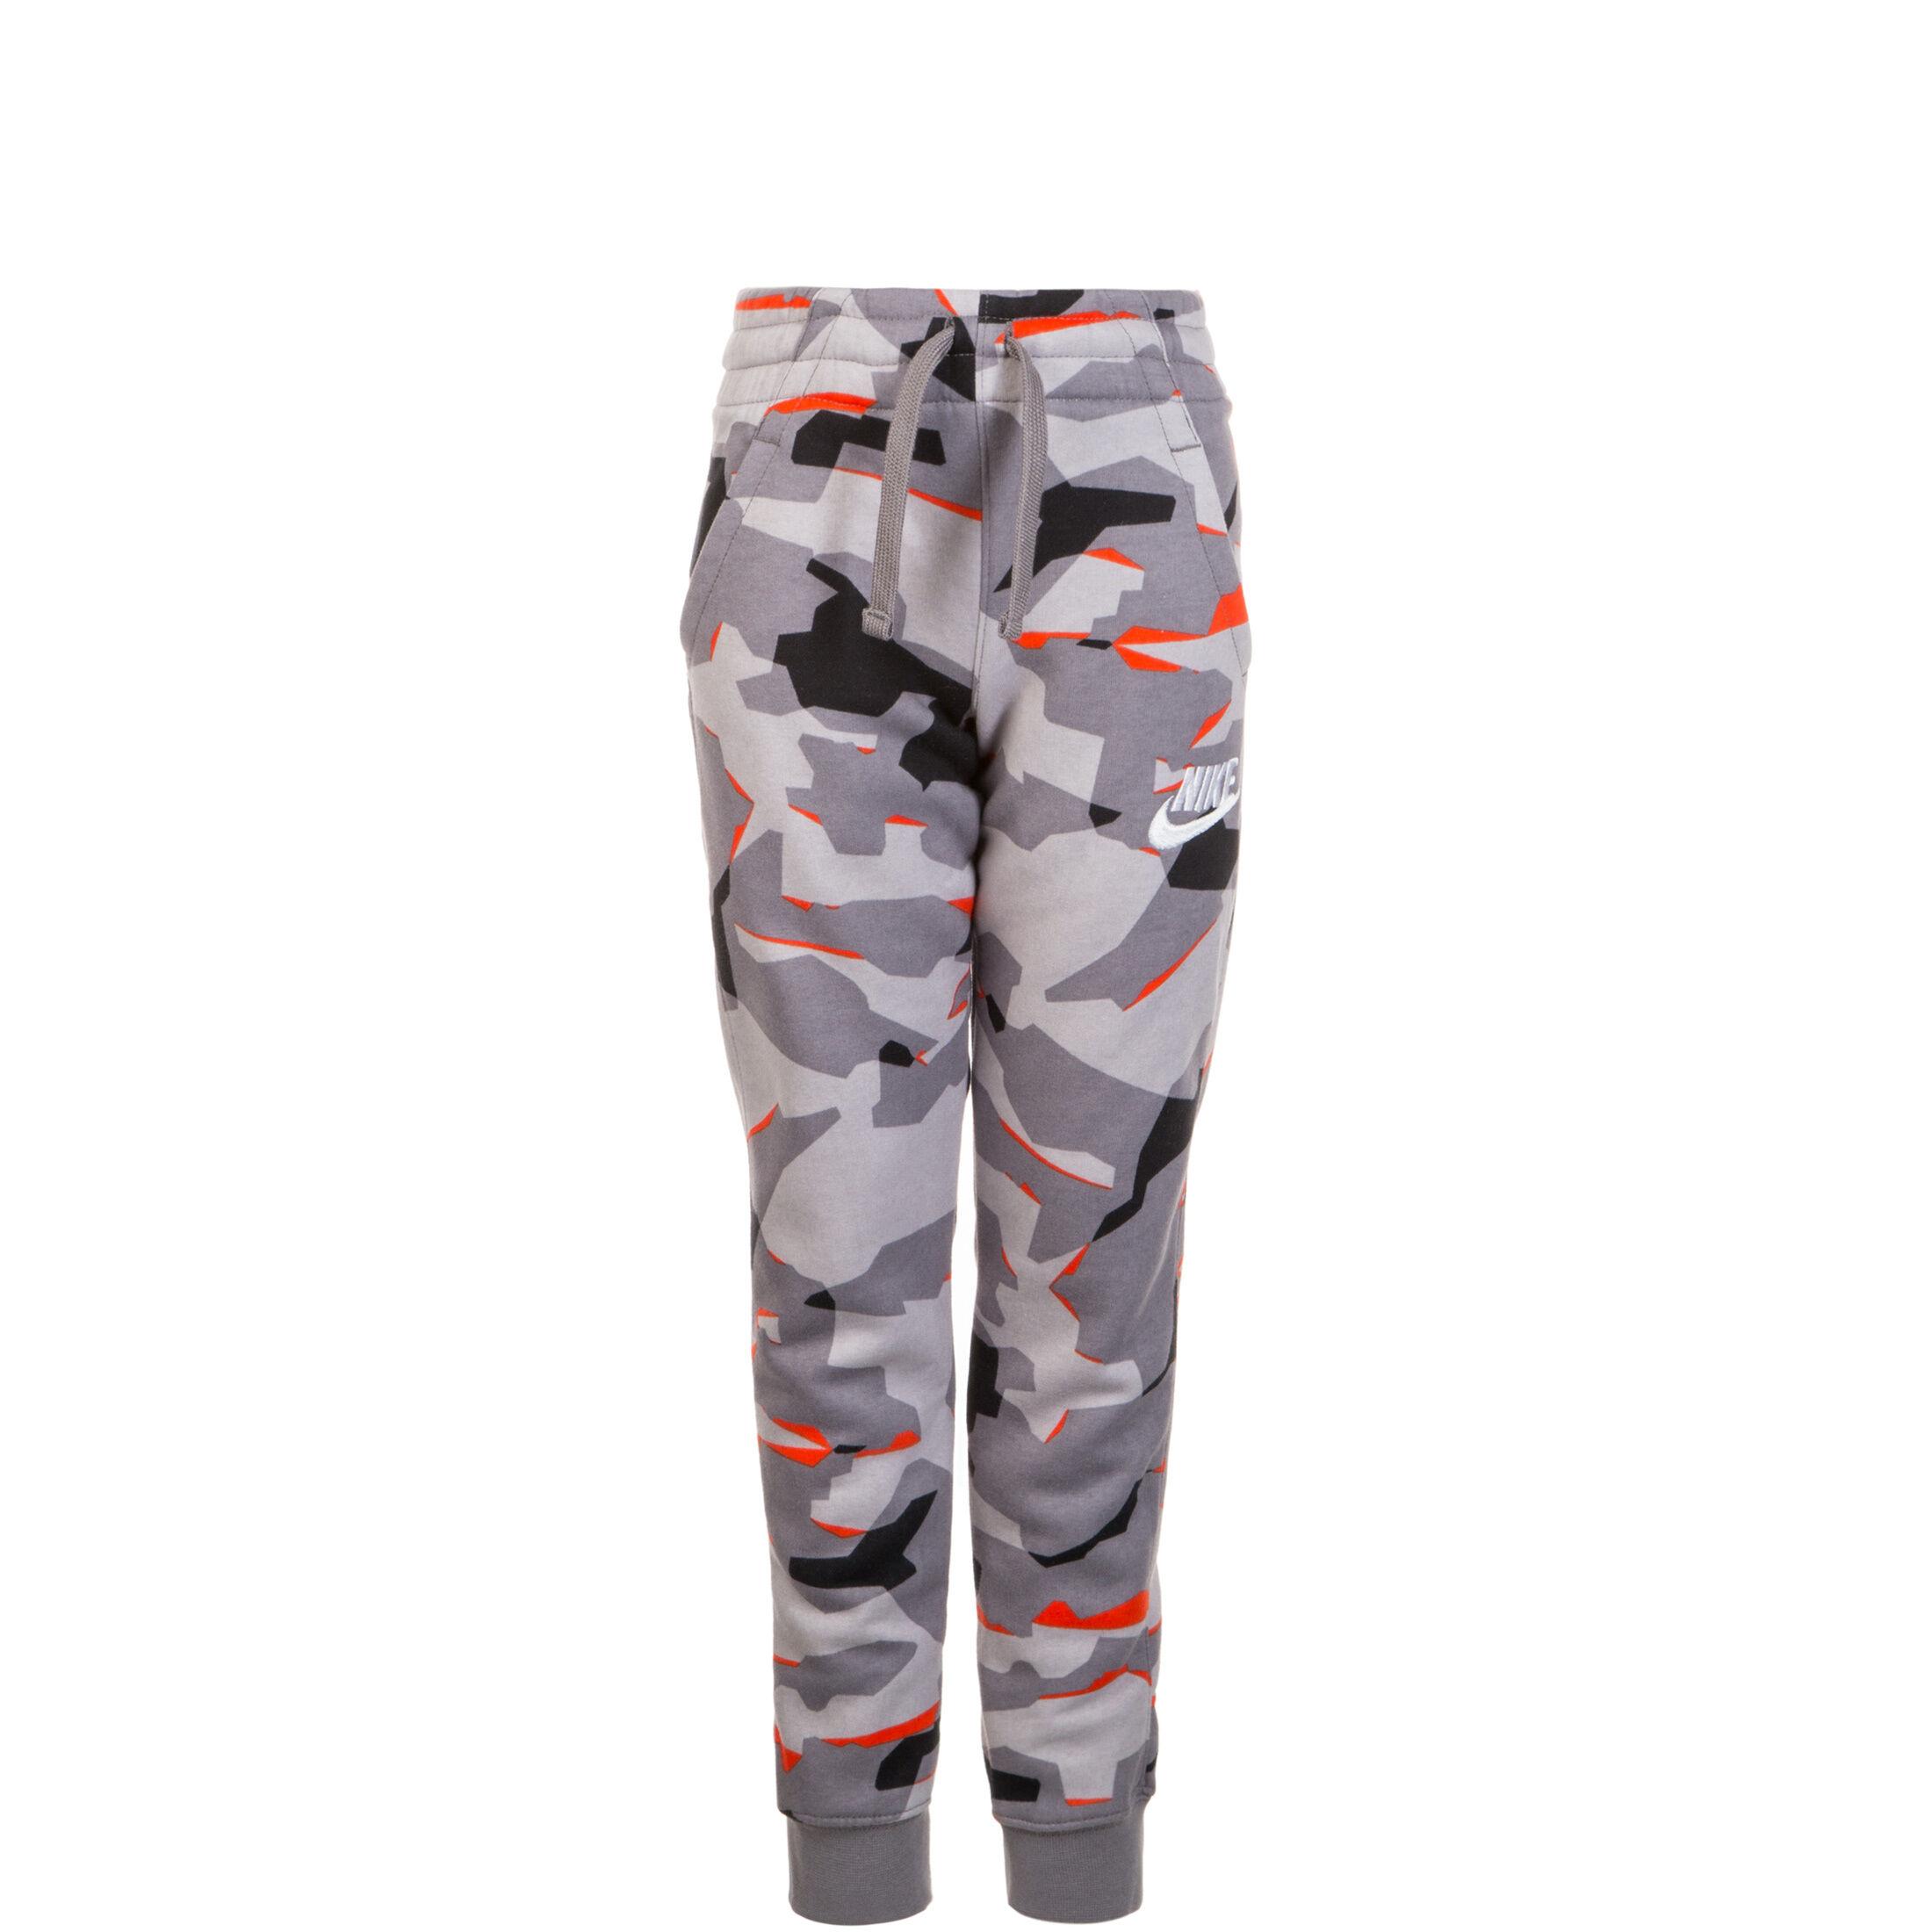 Kinder Jogginghose Nike